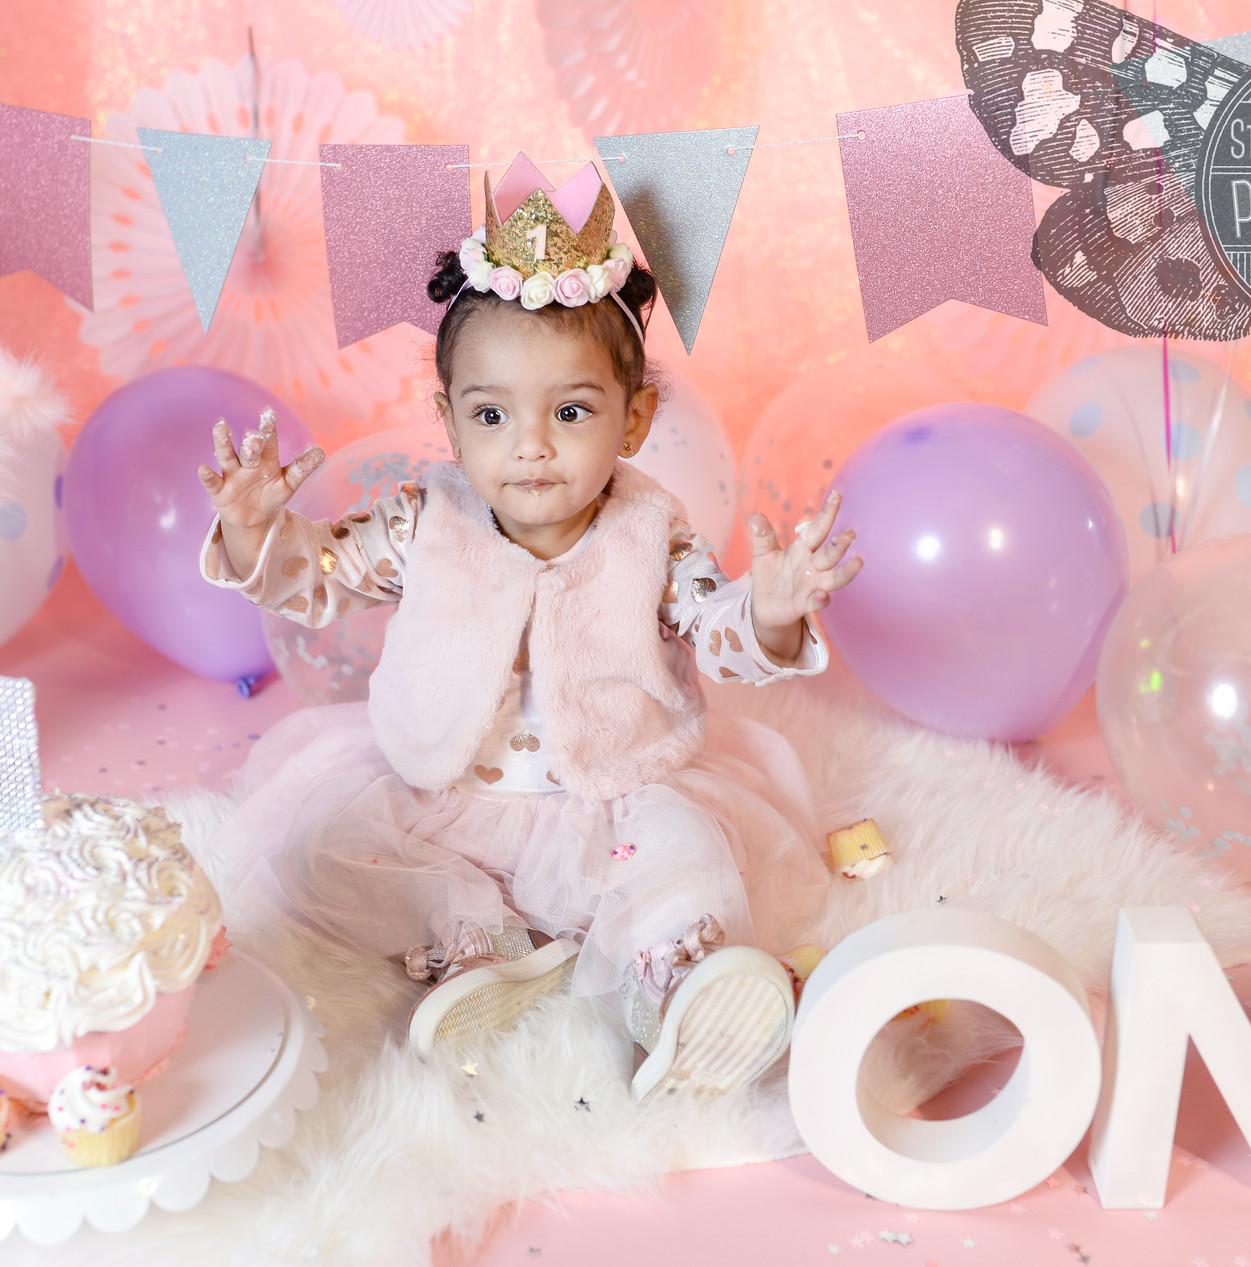 Baby's First Birthday Cake Smash Photo S